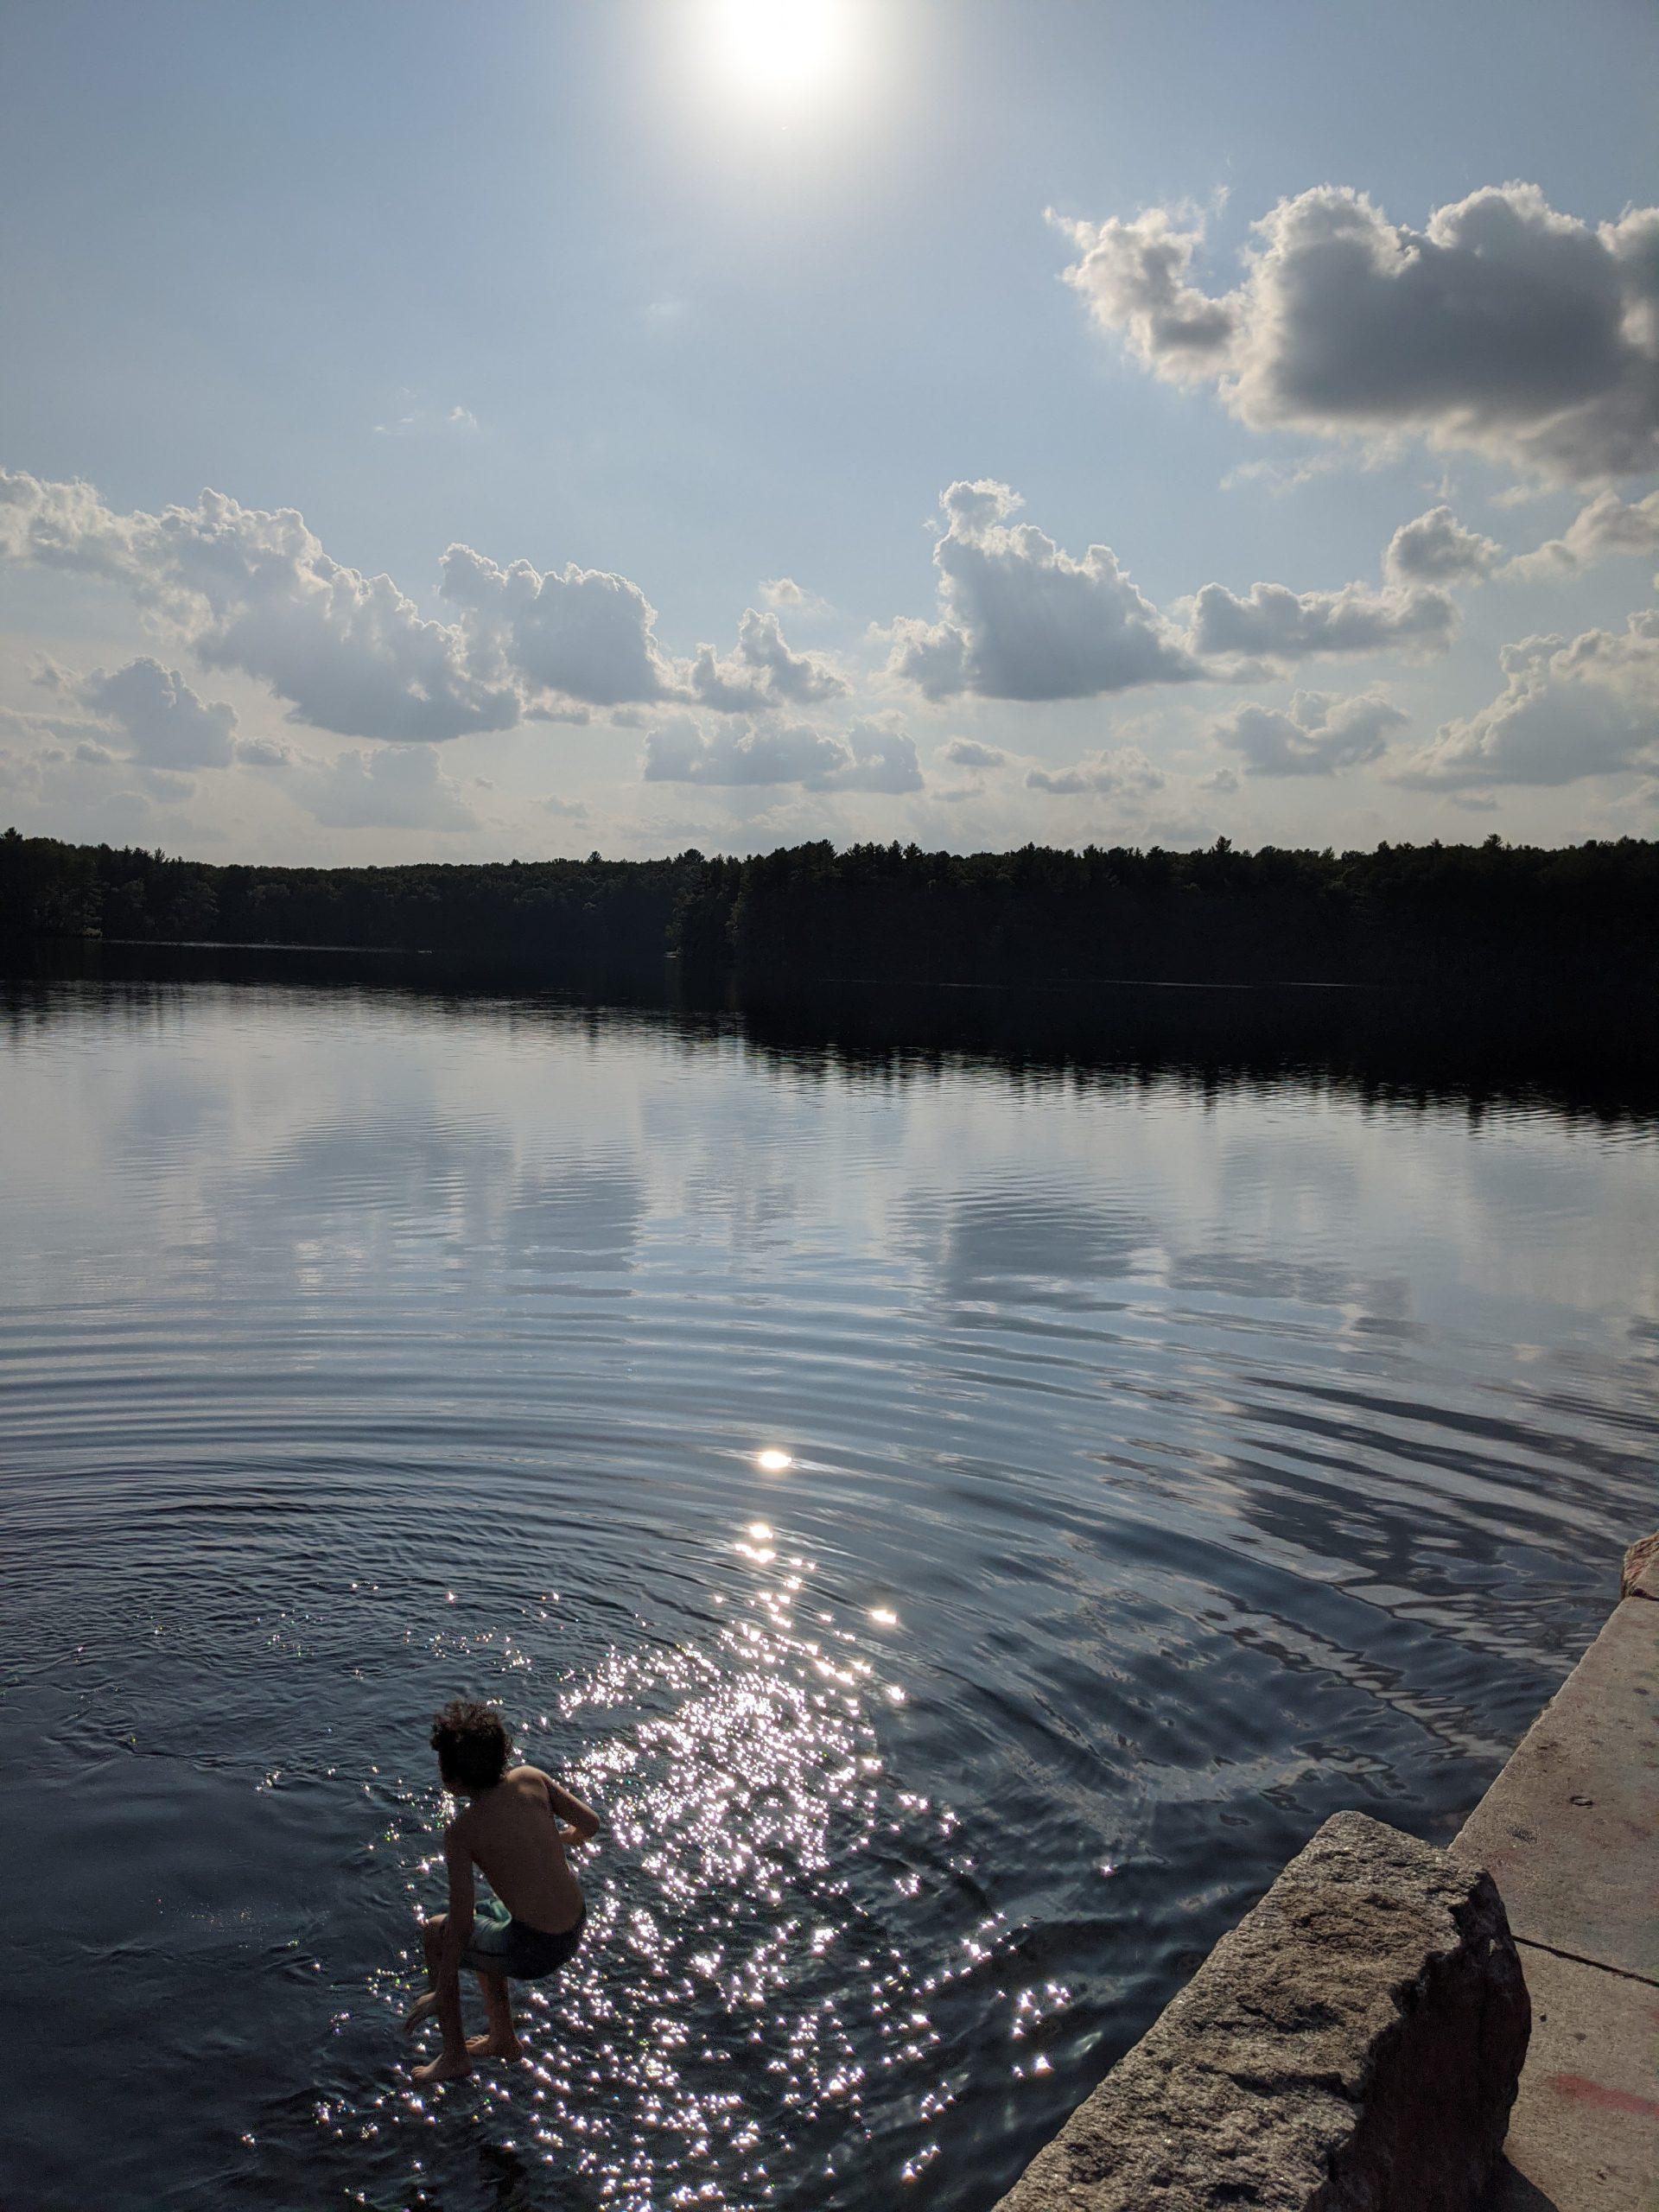 Walking on water - Ashland Dam - September 2020